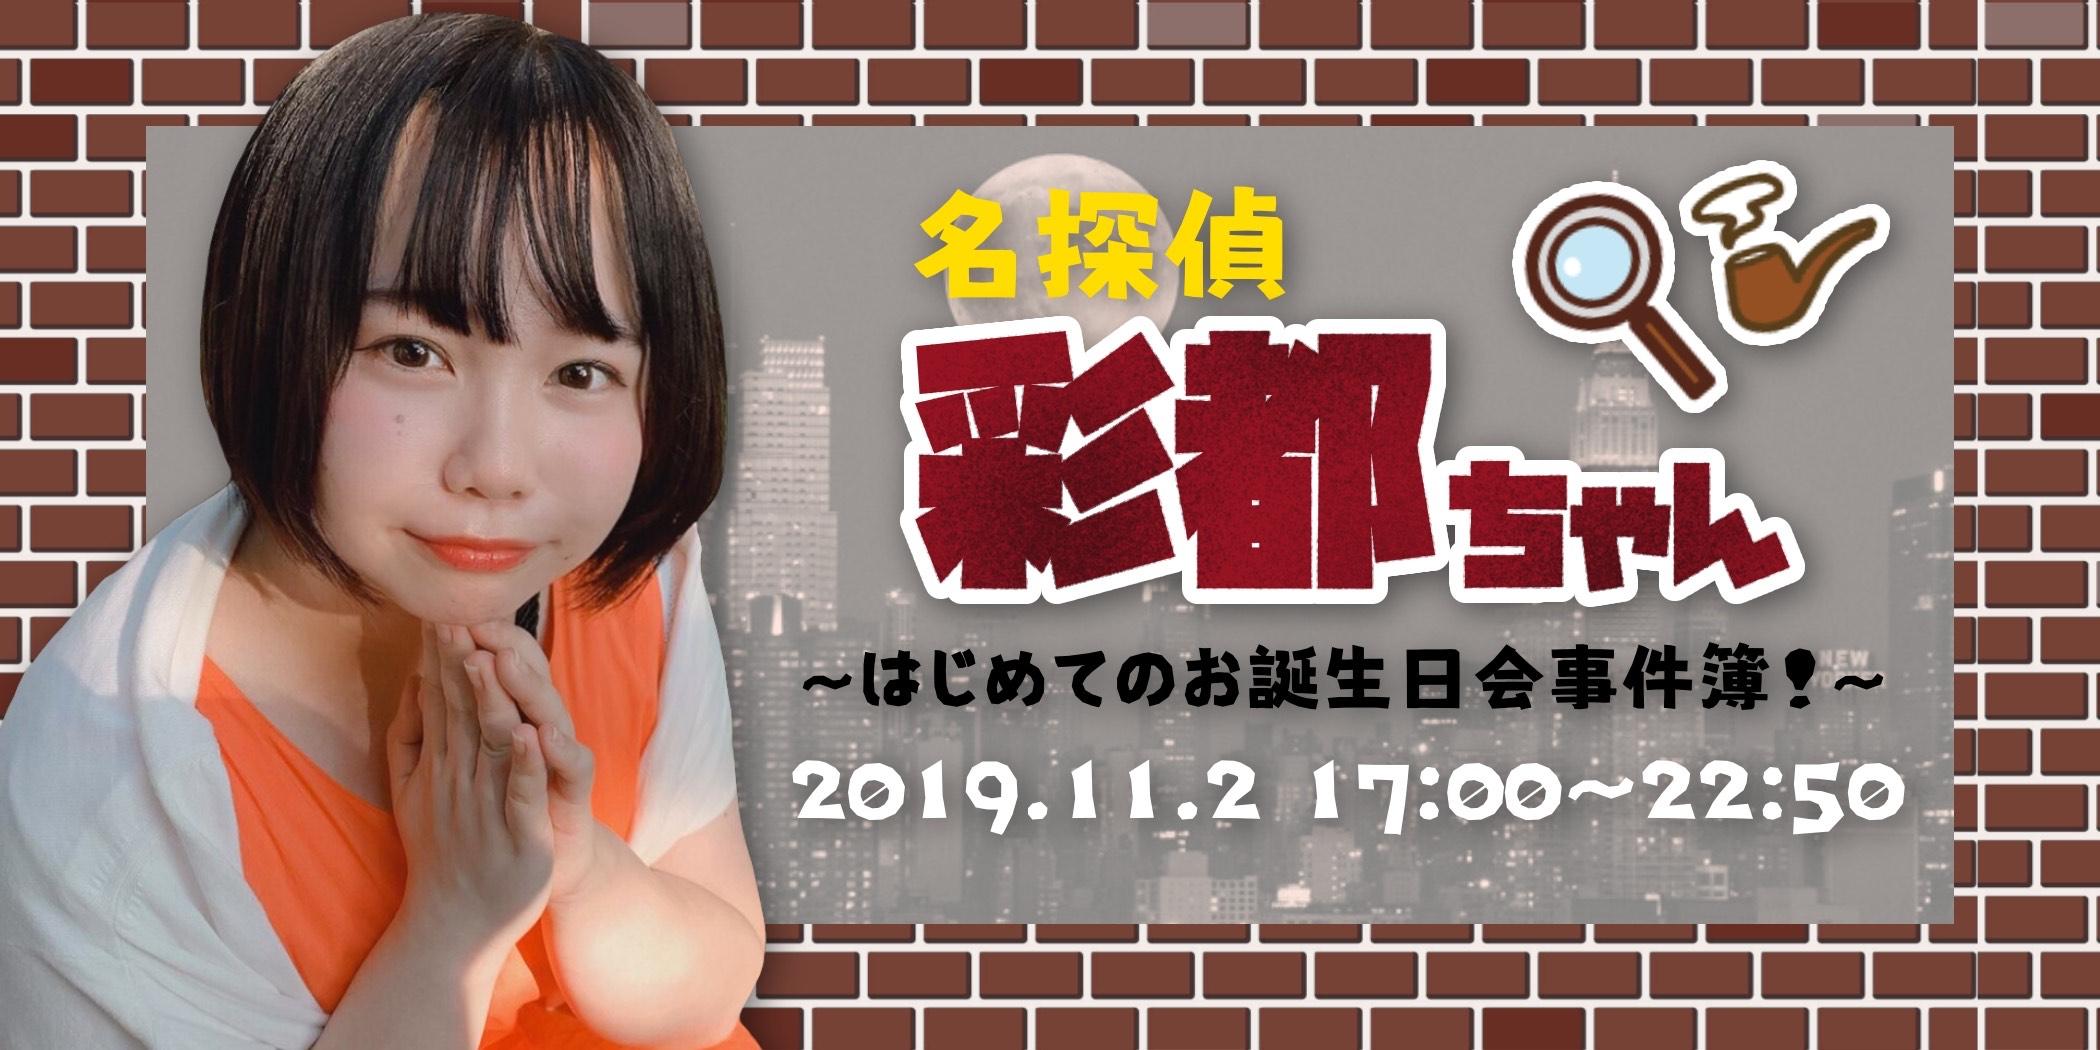 山野彩都生誕祭2019「名探偵彩都ちゃん〜はじめてのお誕生日会事件簿!〜」